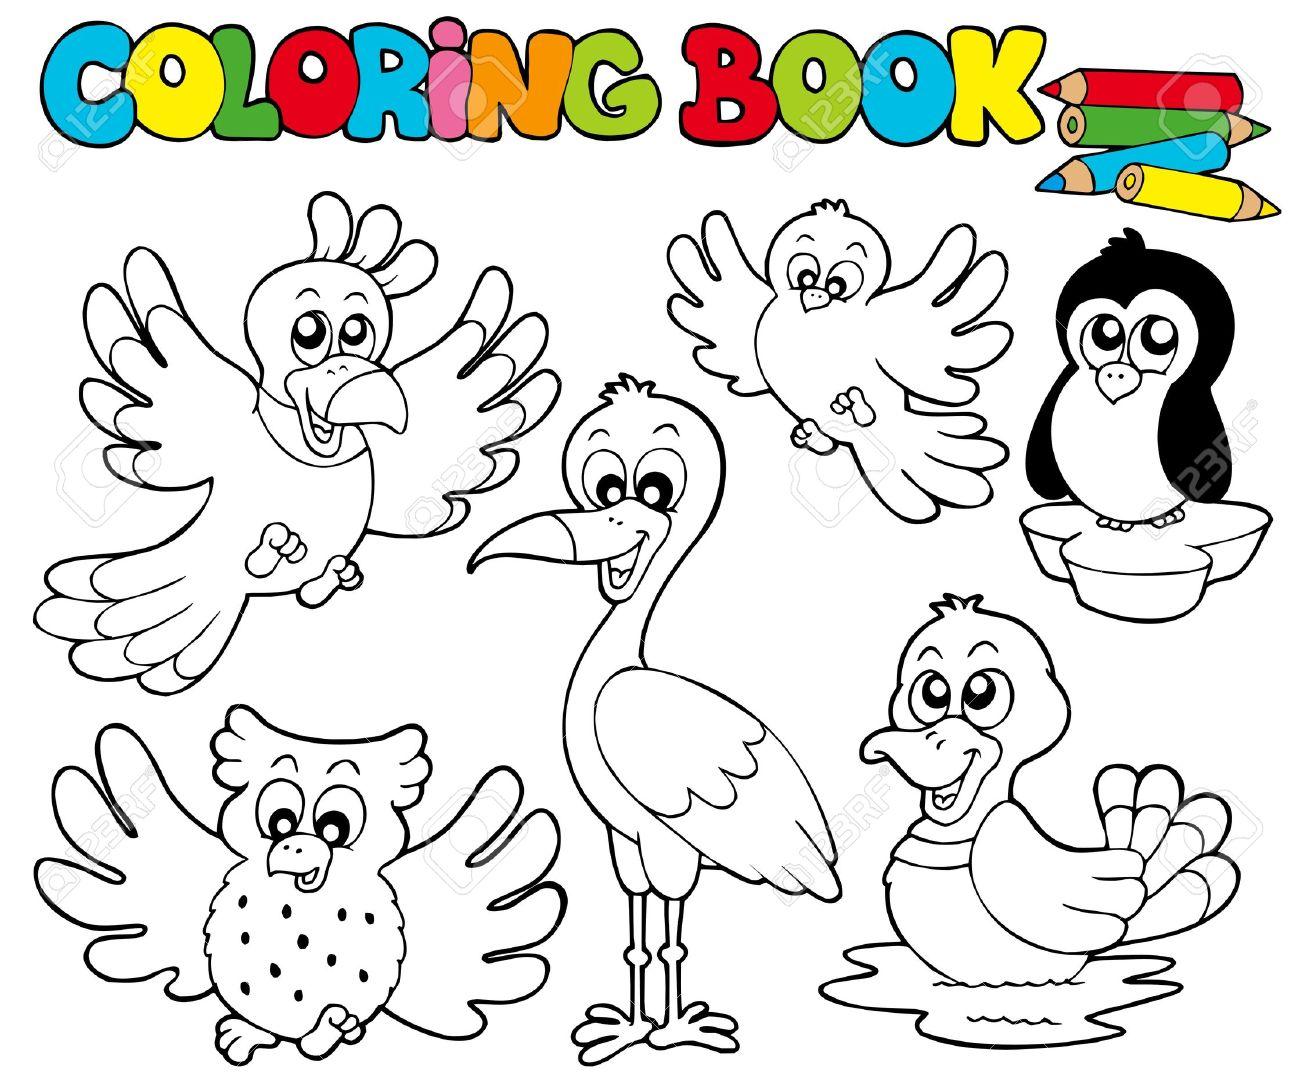 Libro Para Colorear Con Aves Lindos - Ilustración. Ilustraciones ...